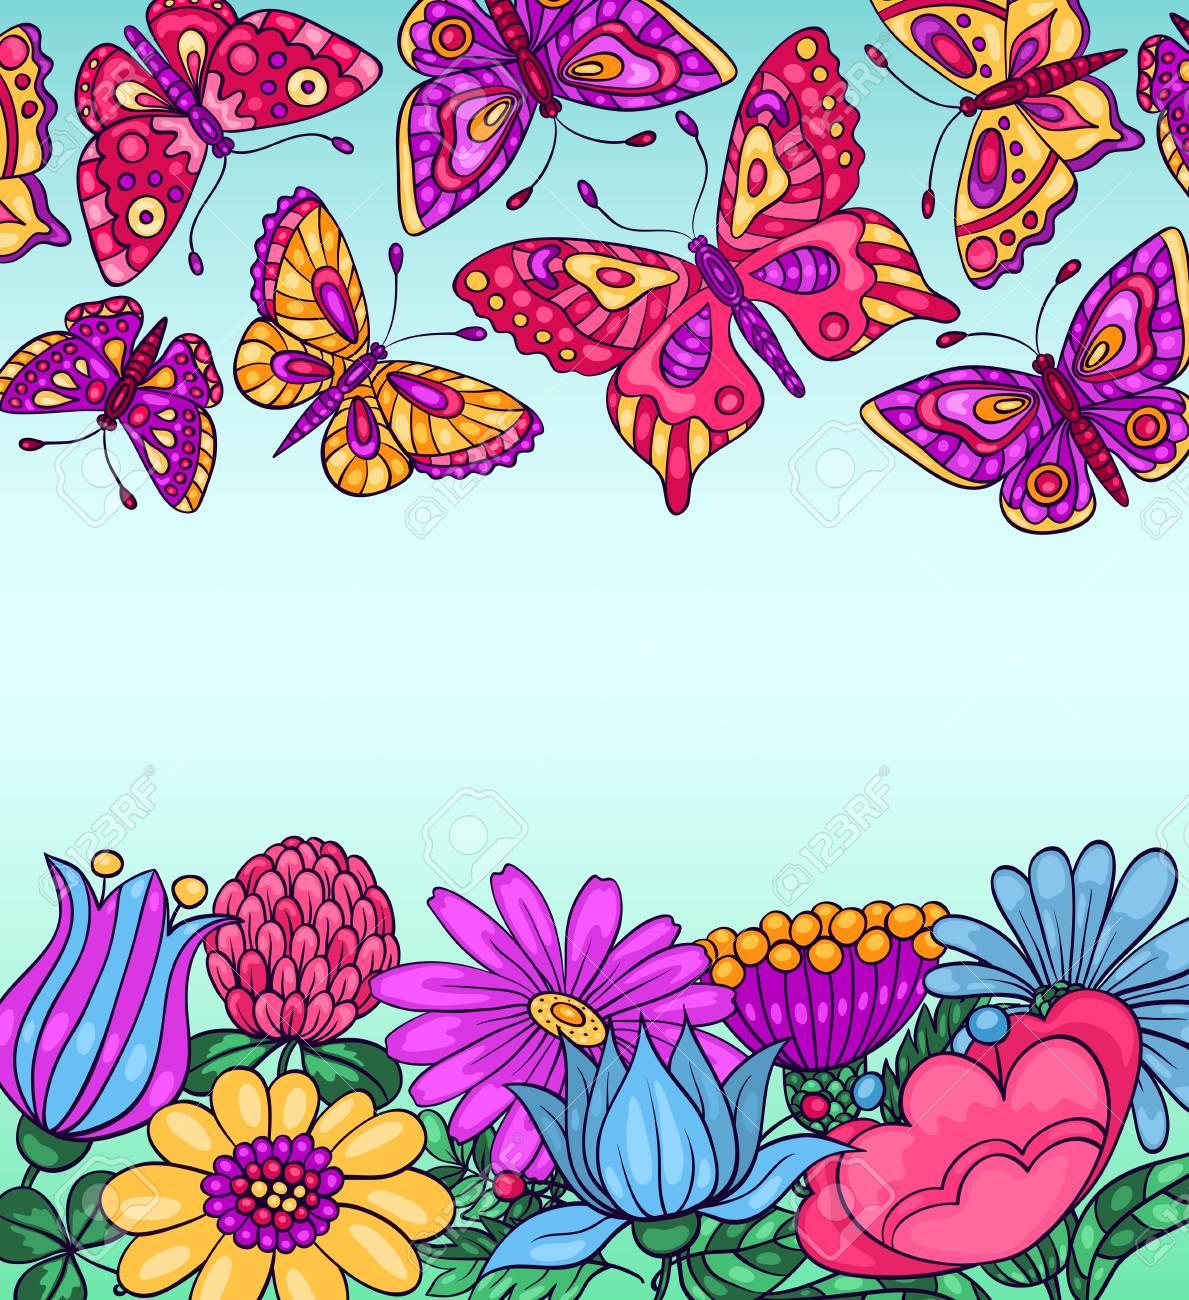 Tarjeta Con Las Mariposas Y Las Flores Ilustración Vectorial De